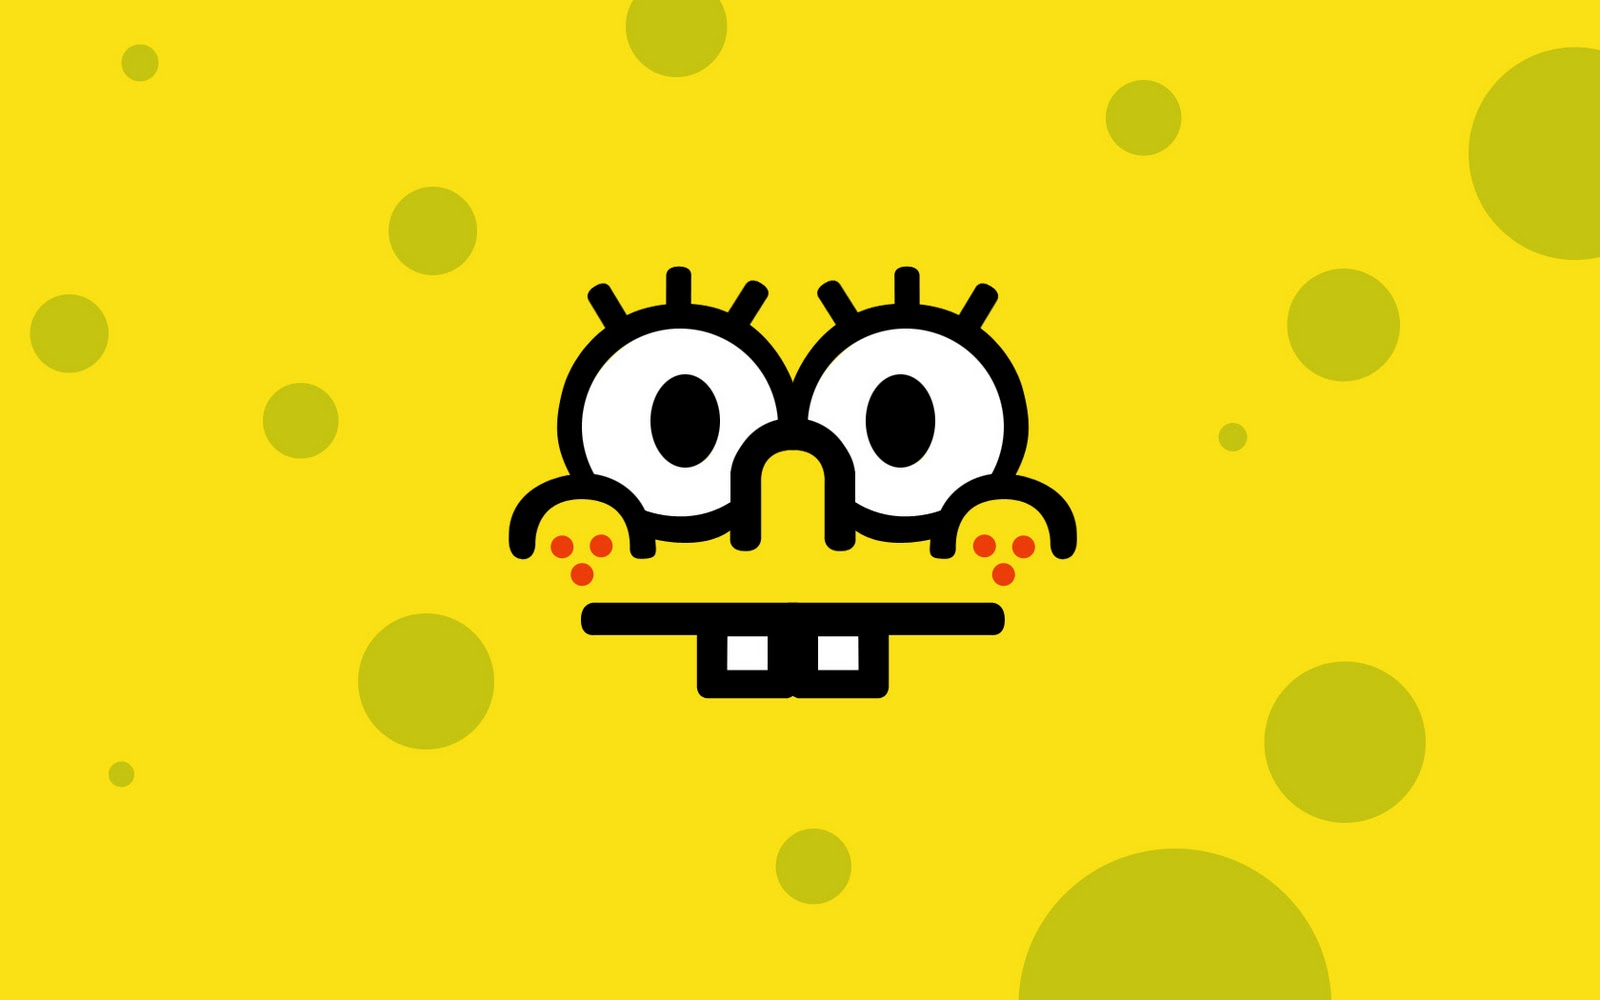 Spongebob Squarepants Wallpapers PC